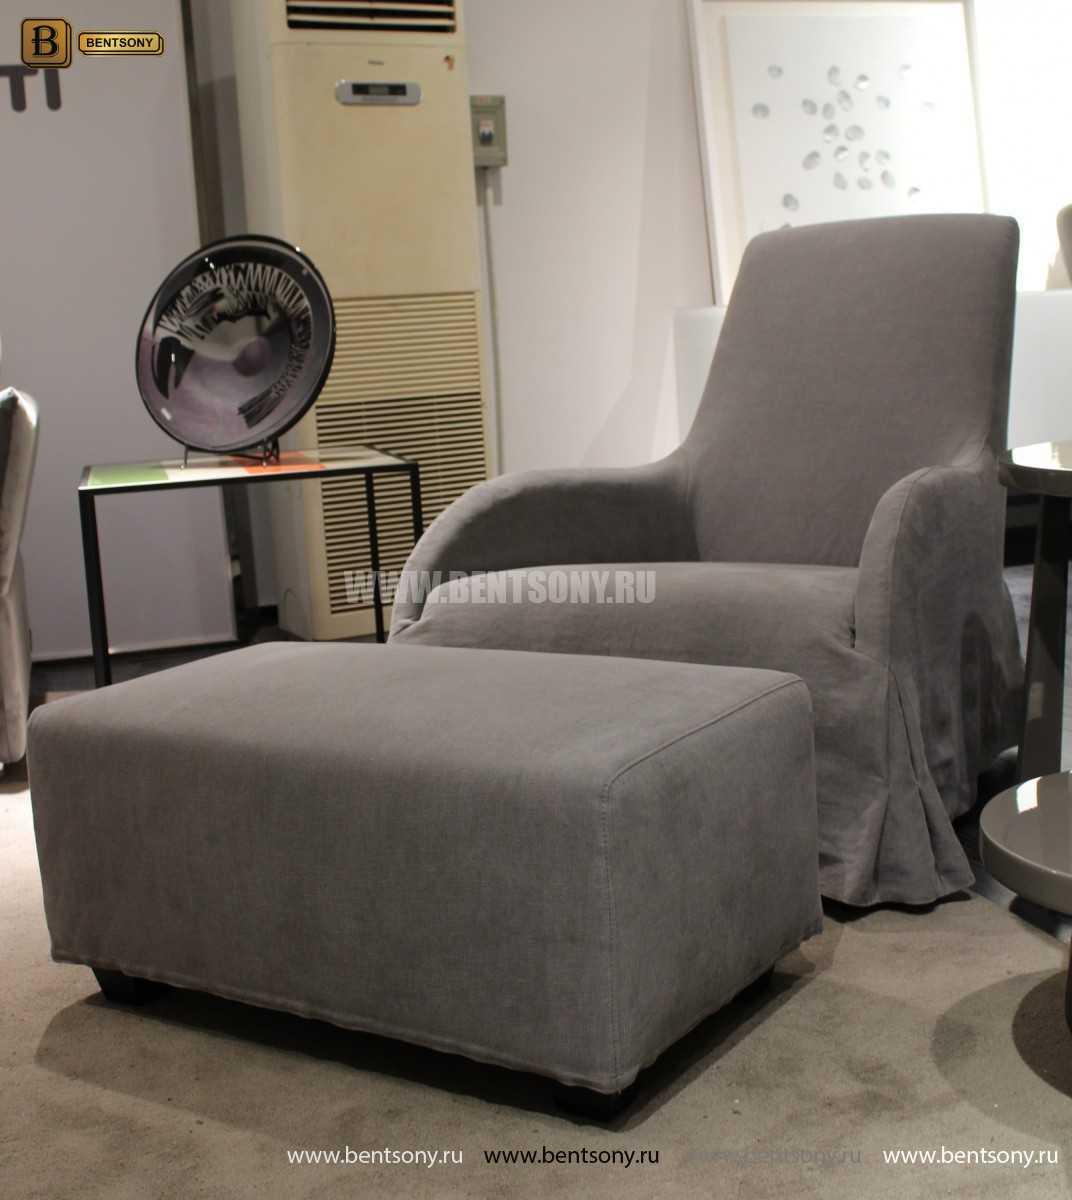 Кресло Саймон (Ткань, Пуф) в интерьере